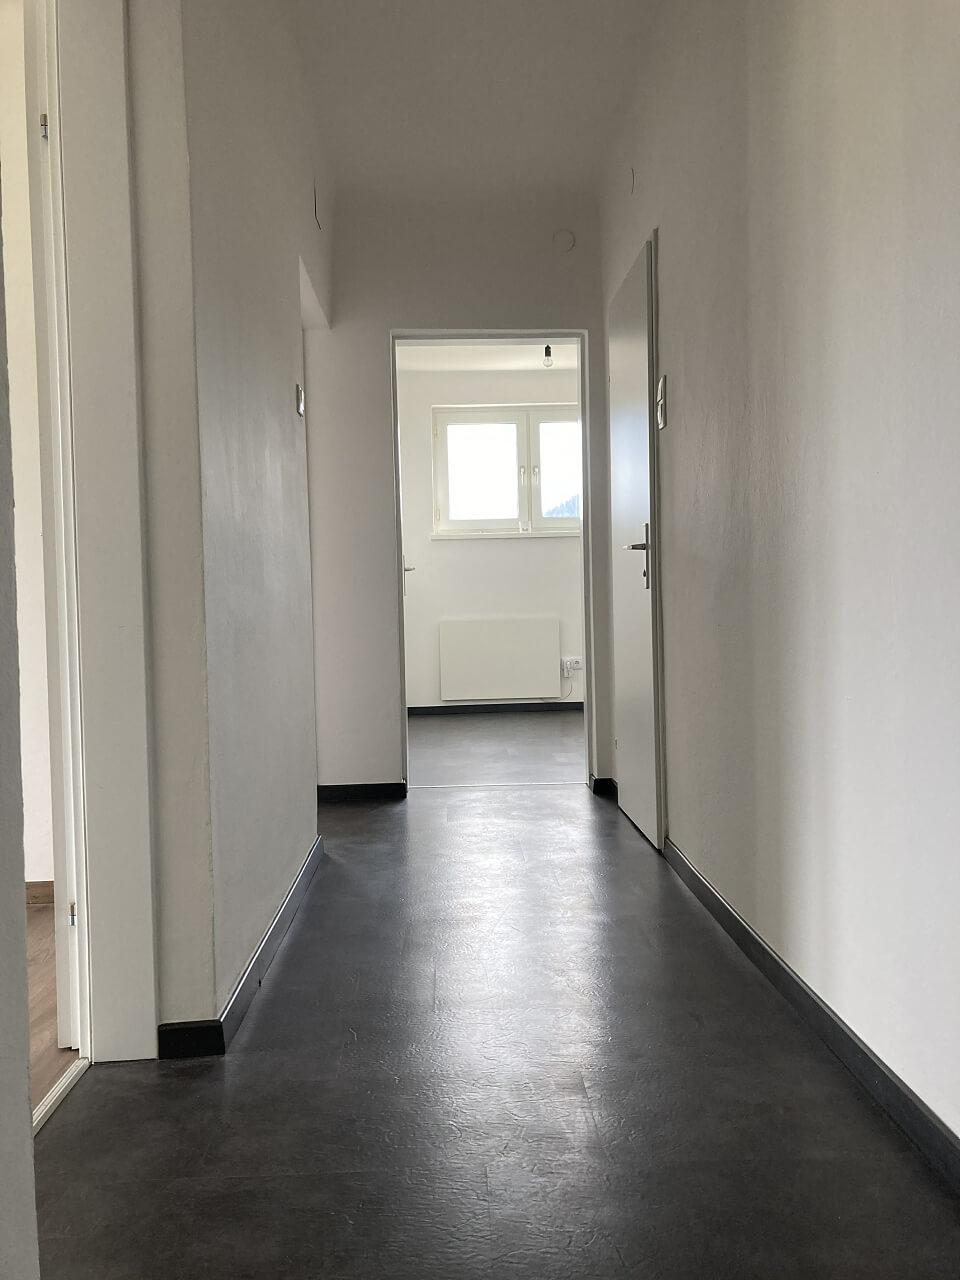 Immobilie von BWSG in Teuffenbachstraße 28/023, 8750 Judenburg #0